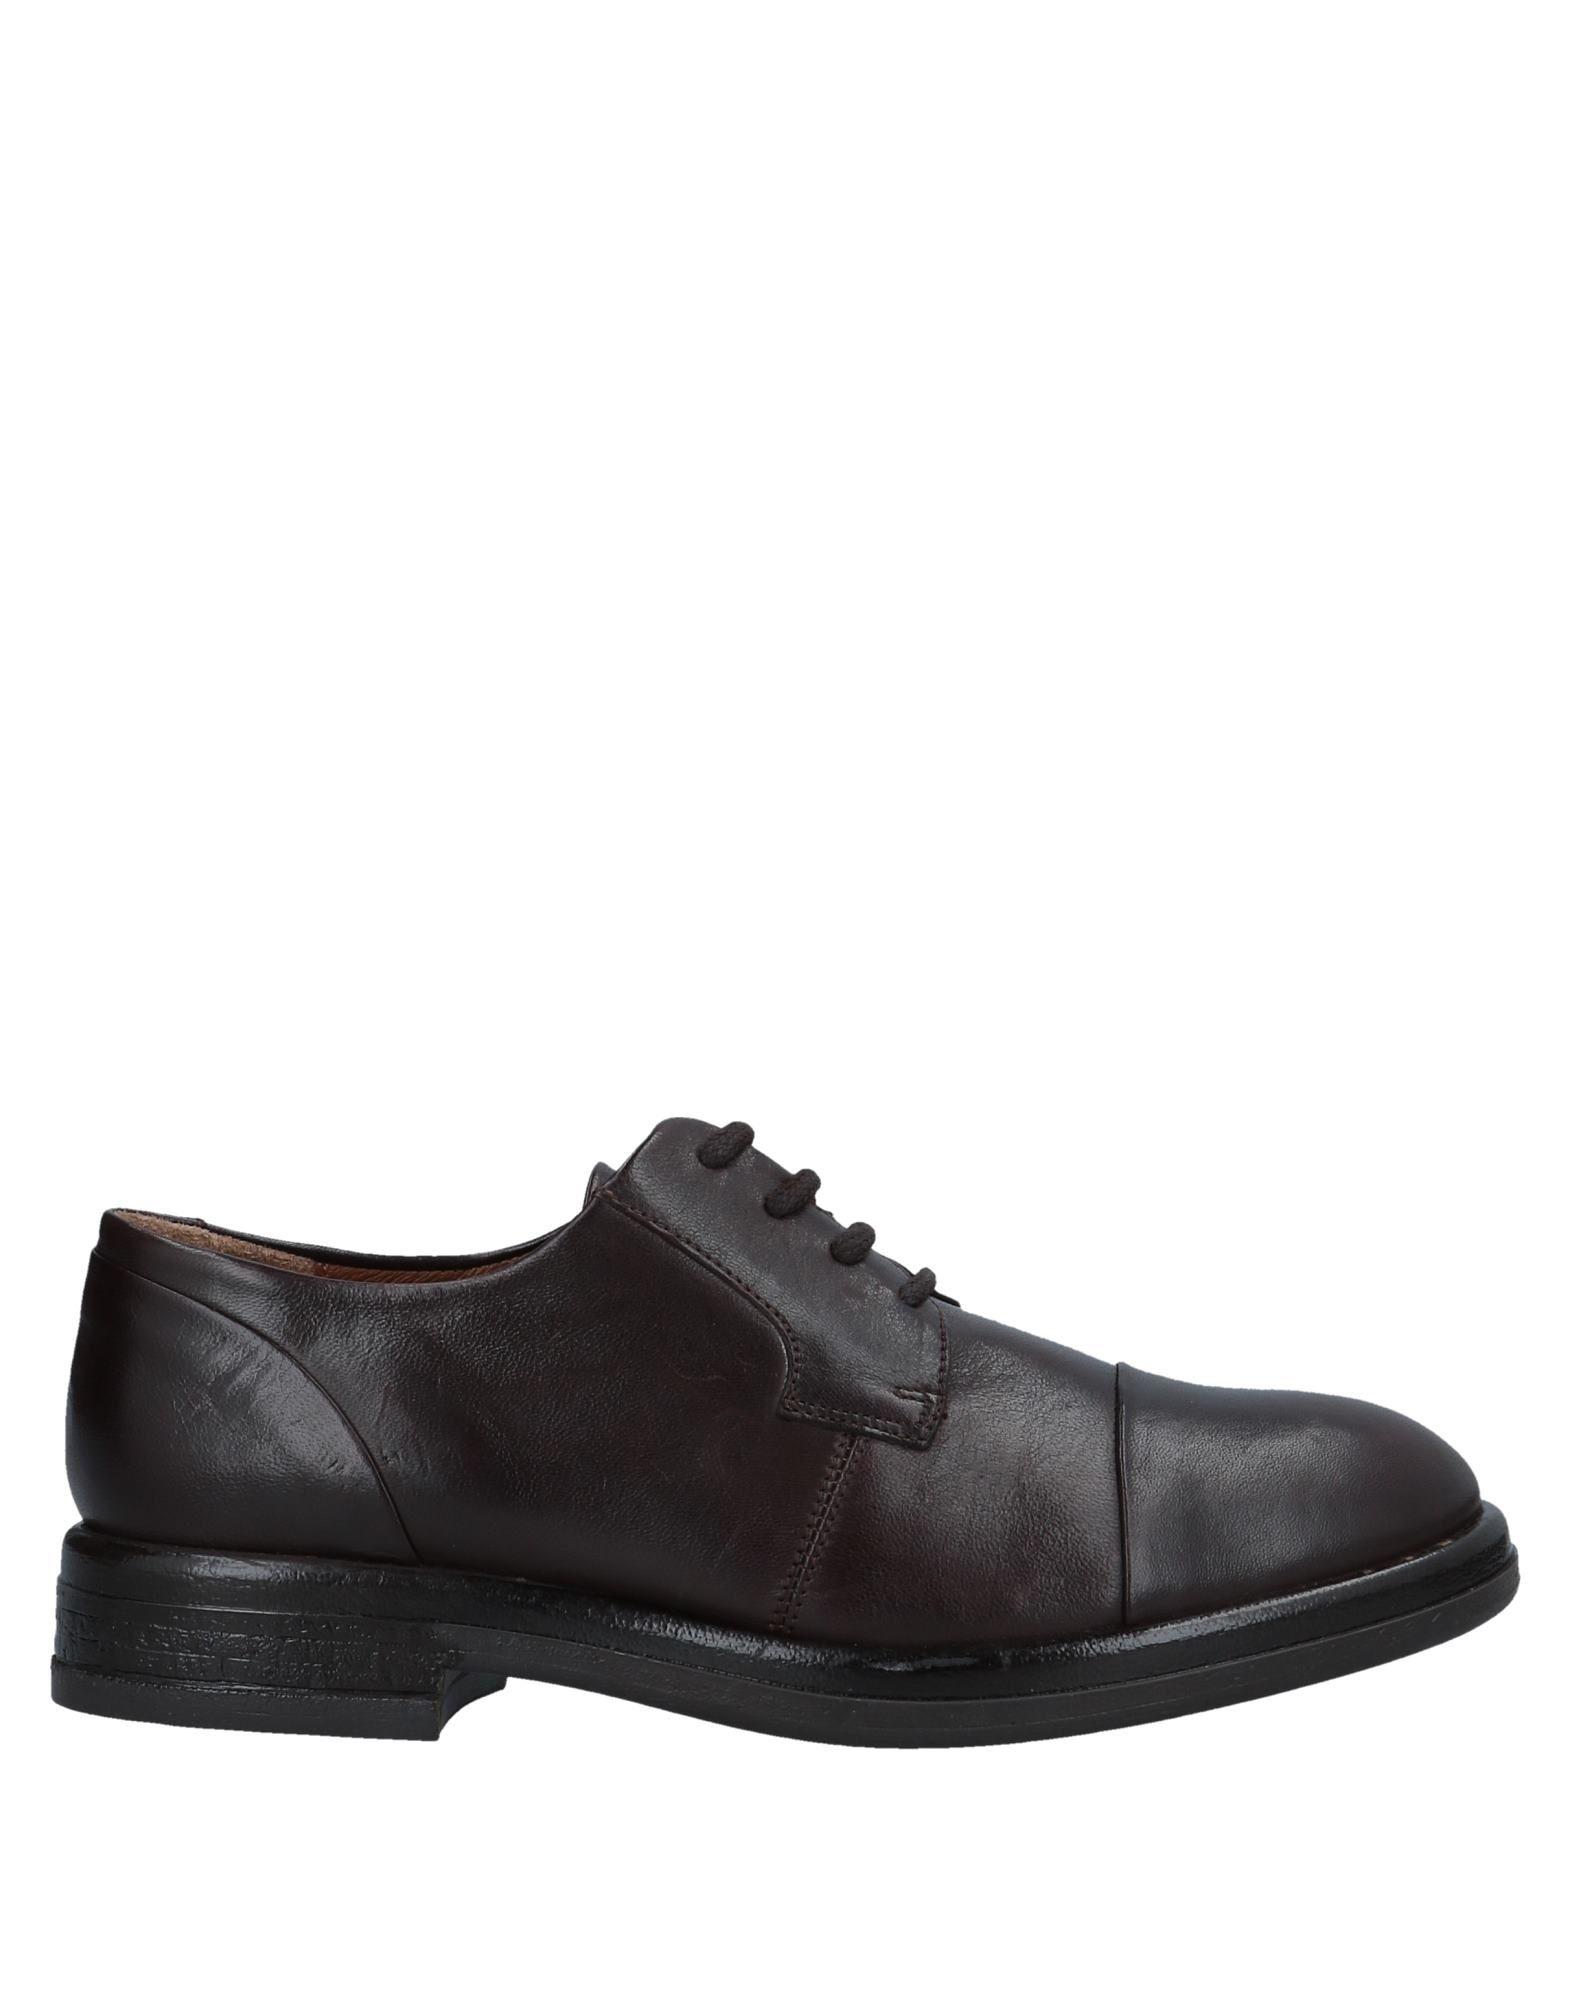 Фото - EMANUÉLLE VEE Обувь на шнурках обувь на высокой платформе dkny